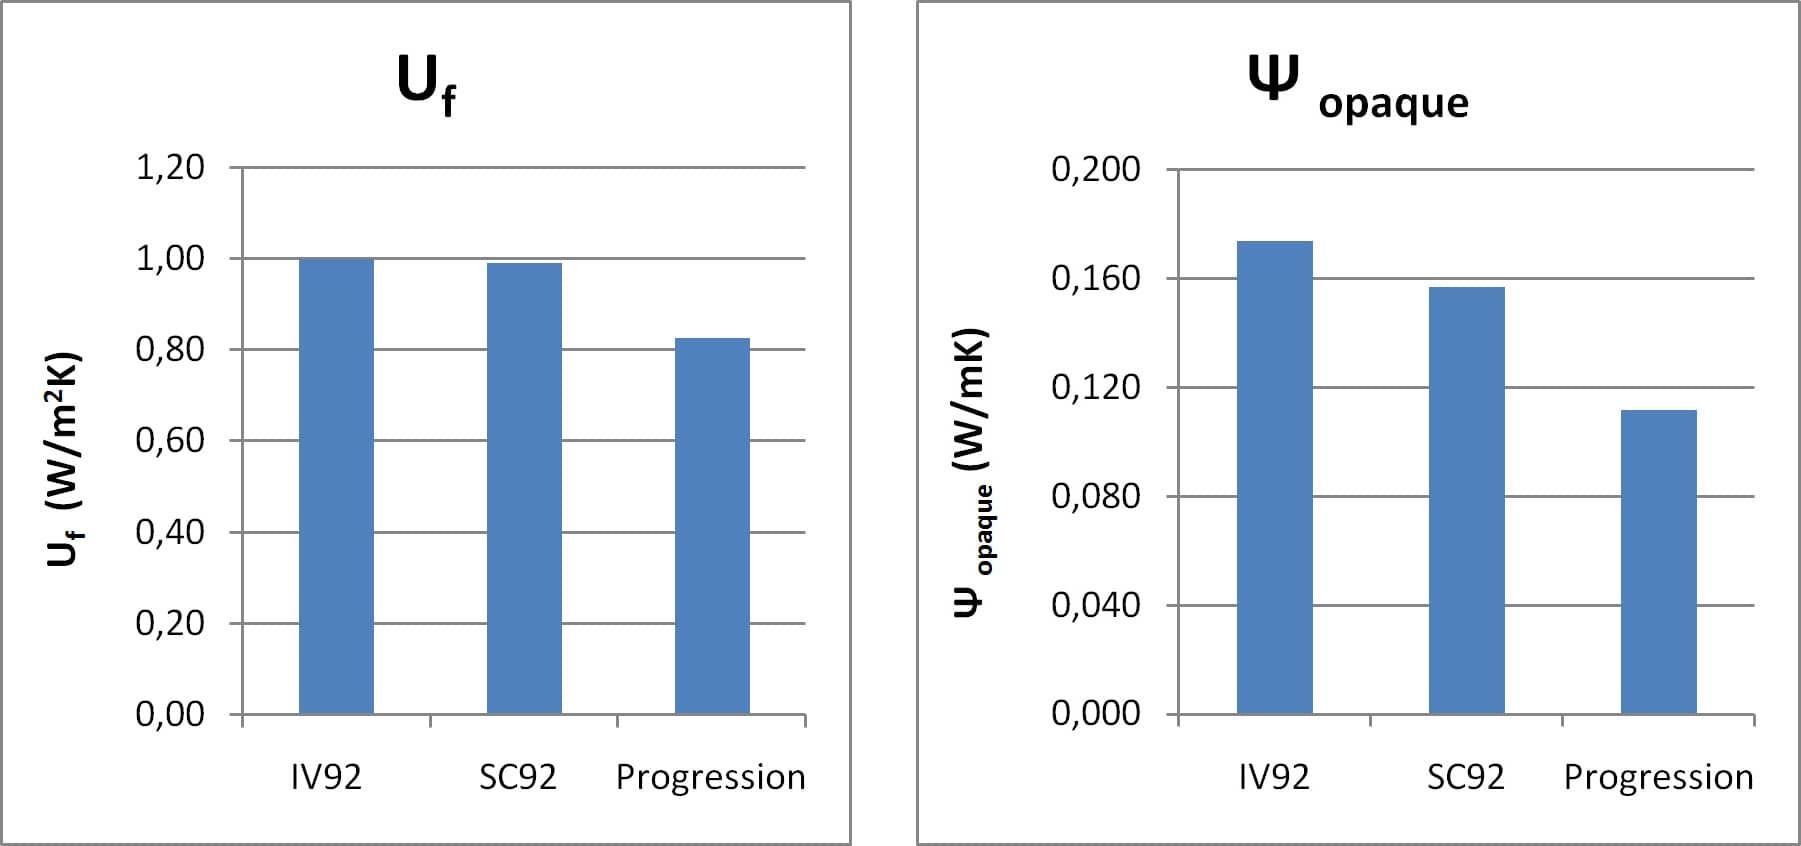 Obr.2-porovnání výsledných hodnot Uf a Ψ opaque  dřevěných rámů oken.